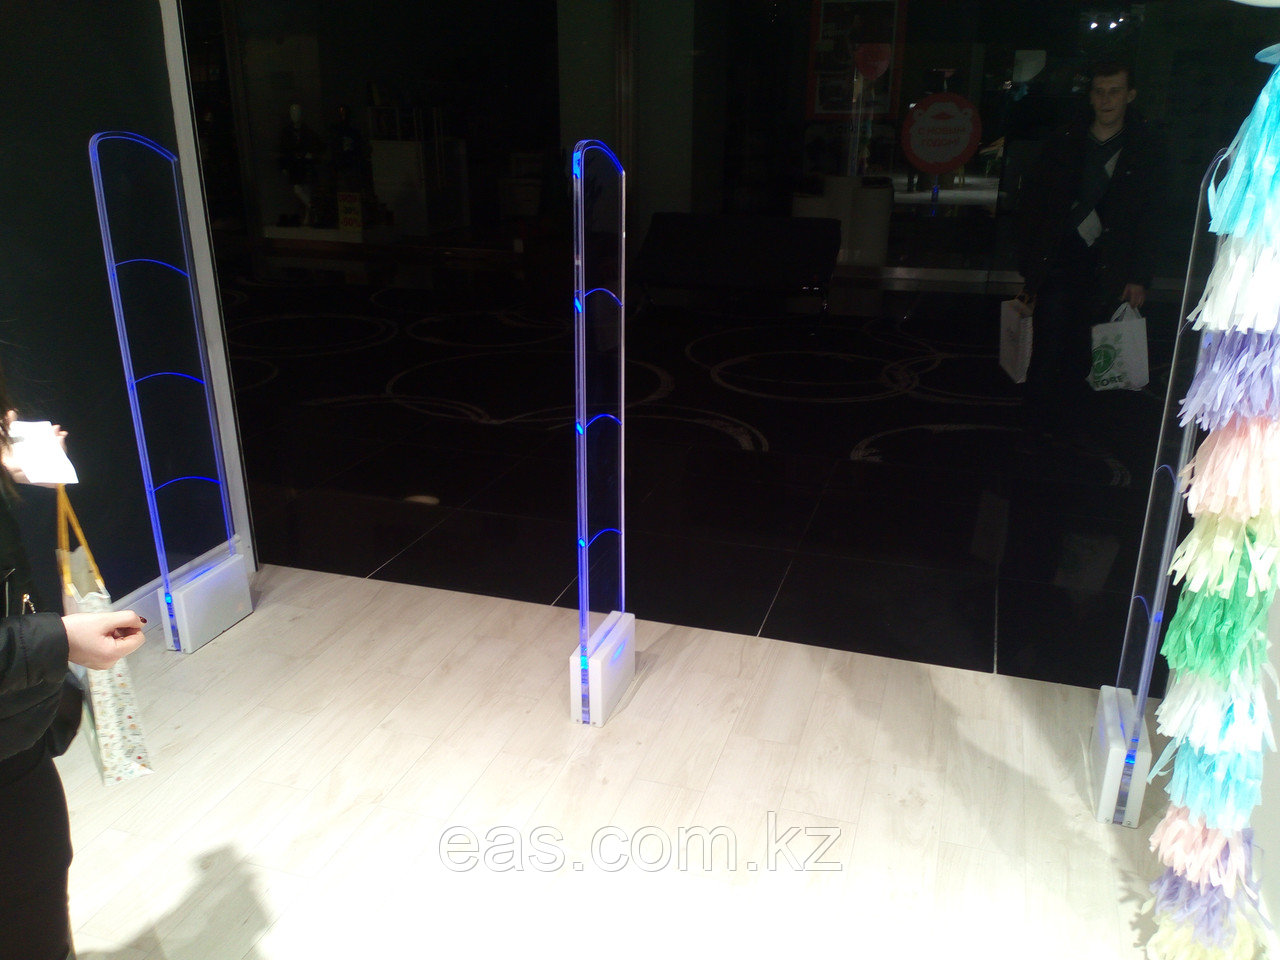 Противокражные системы Cristal Dual